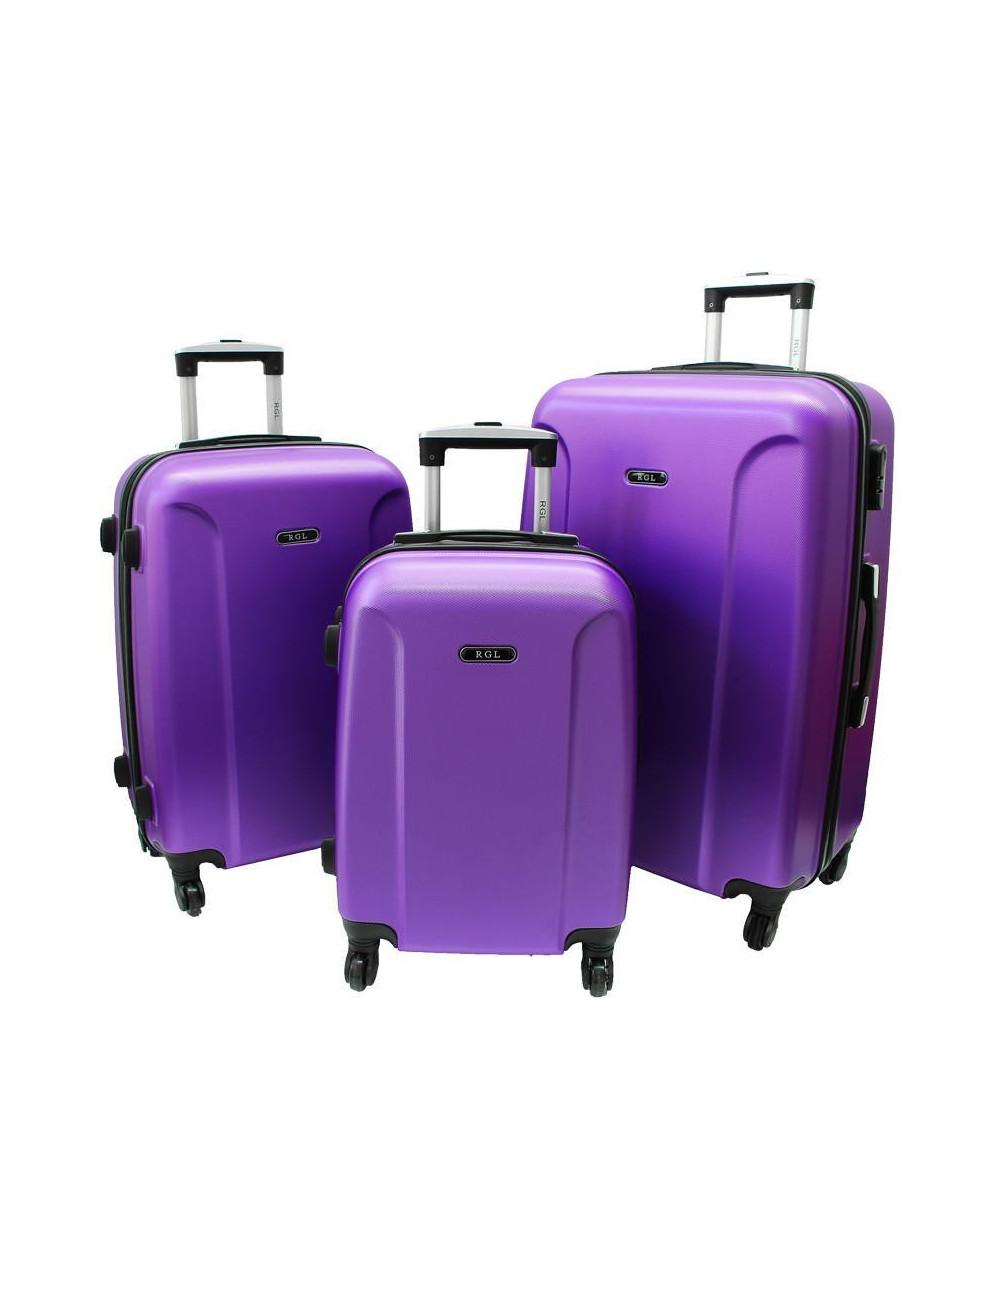 0d95c06358b3f Walizki i torby podrózne, Bagaże podręczne